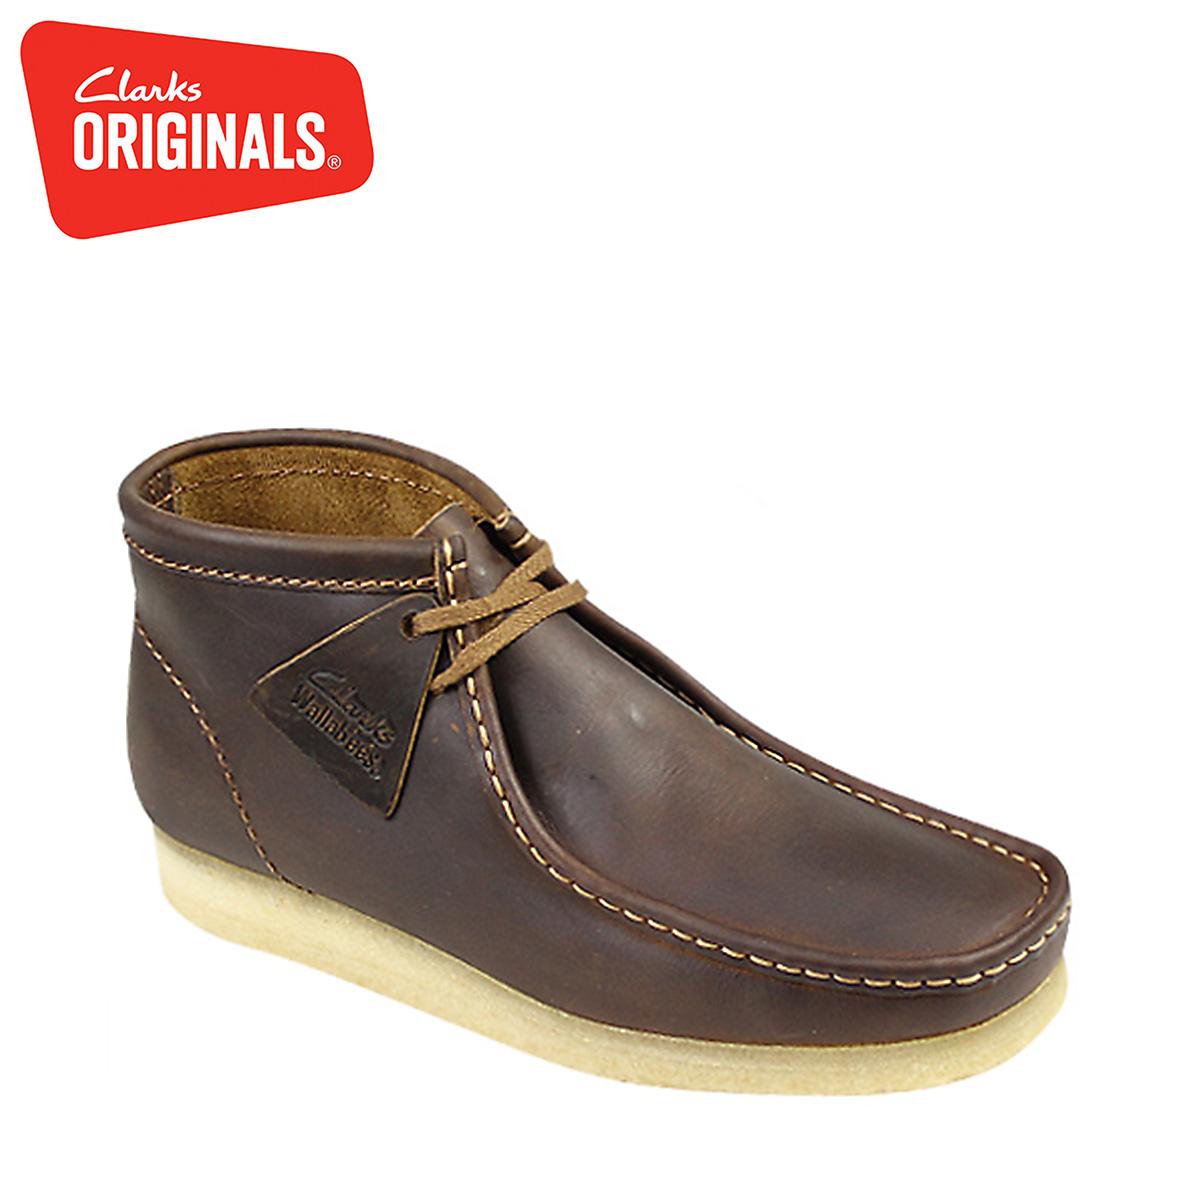 Clarks Originals WALLABEE BOOT ワラビー ブーツ メンズ クラークス オリジナルズ Mワイズ 26103604